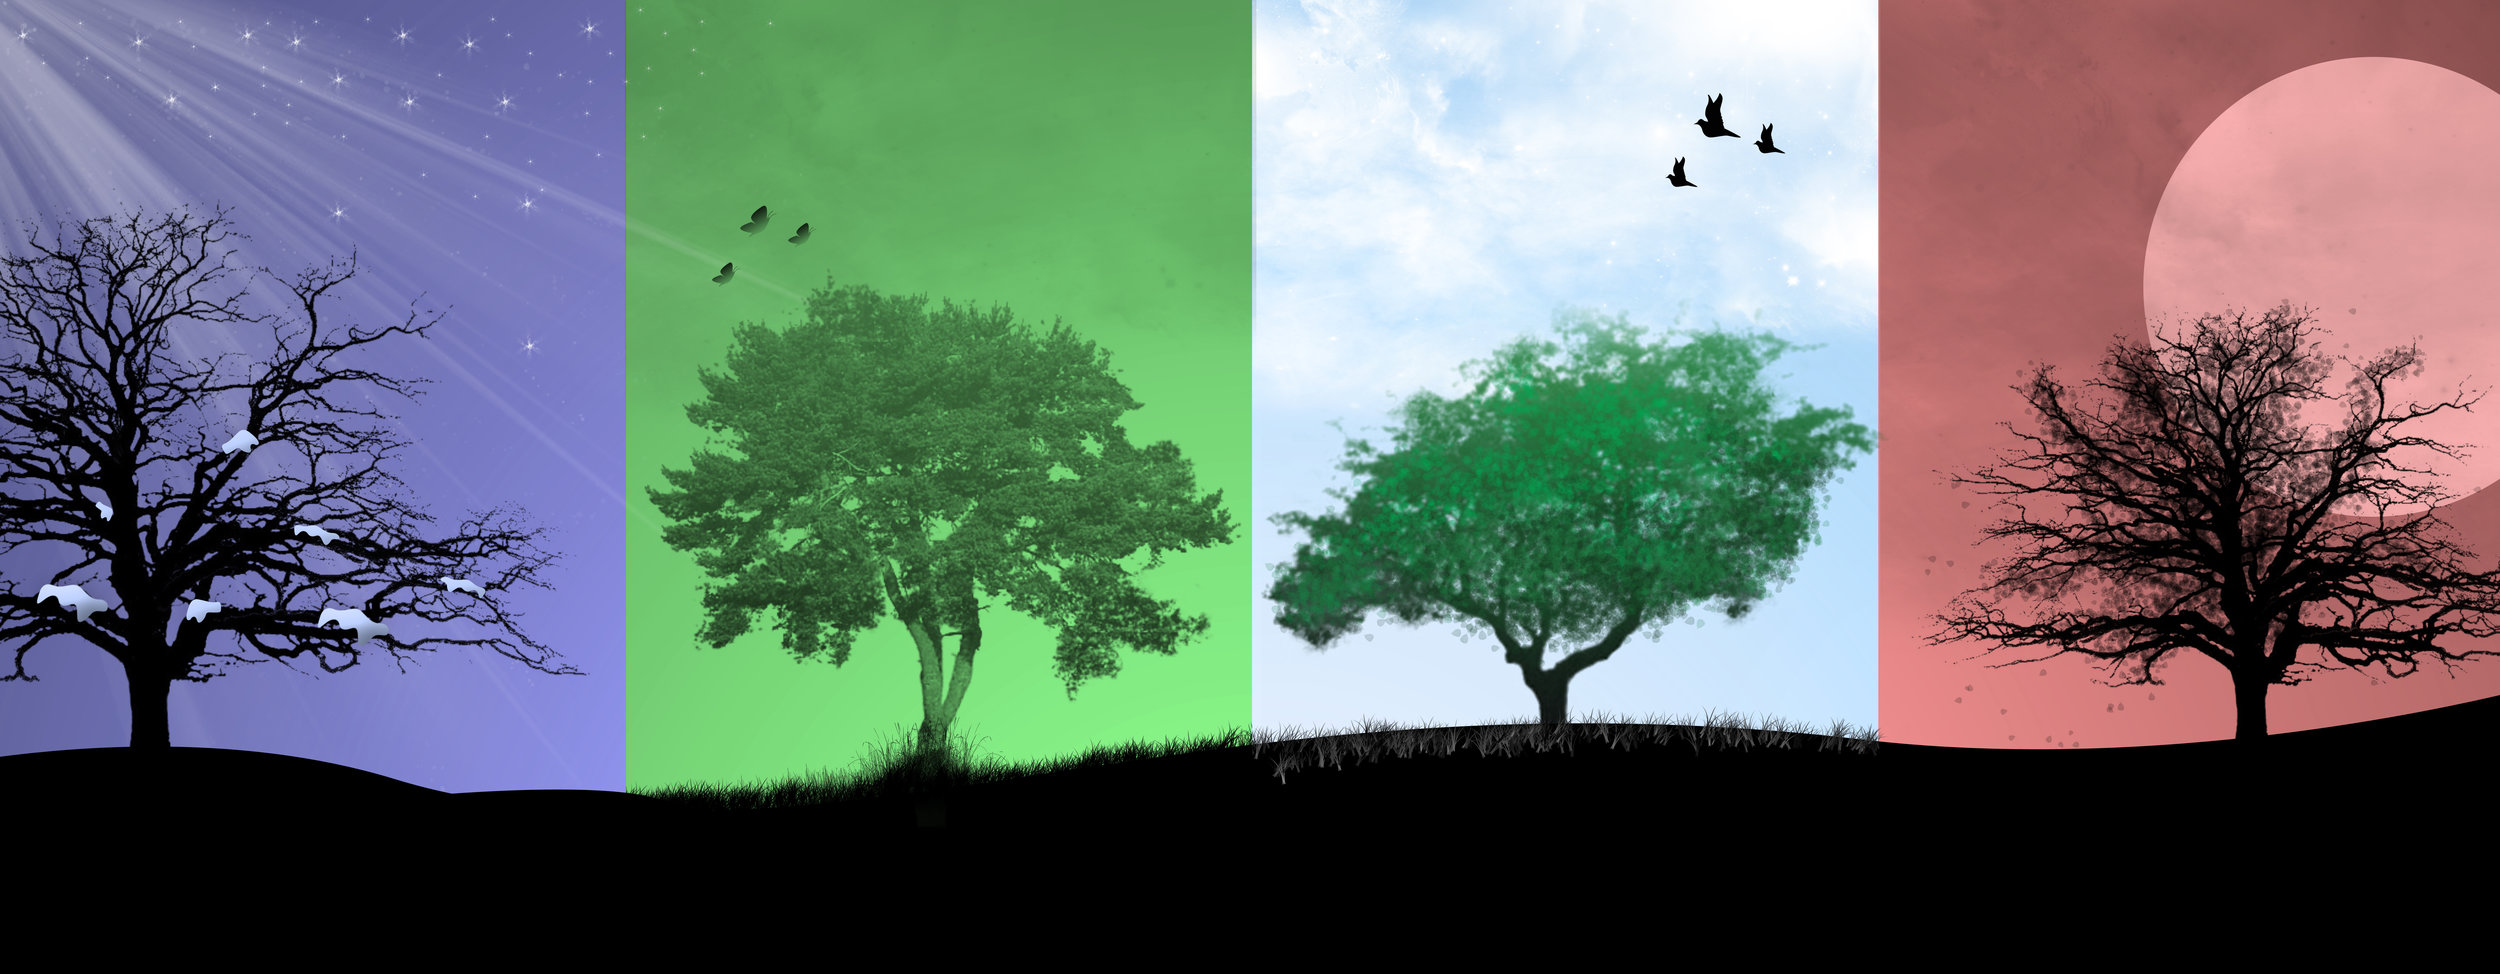 4_seasons.jpg